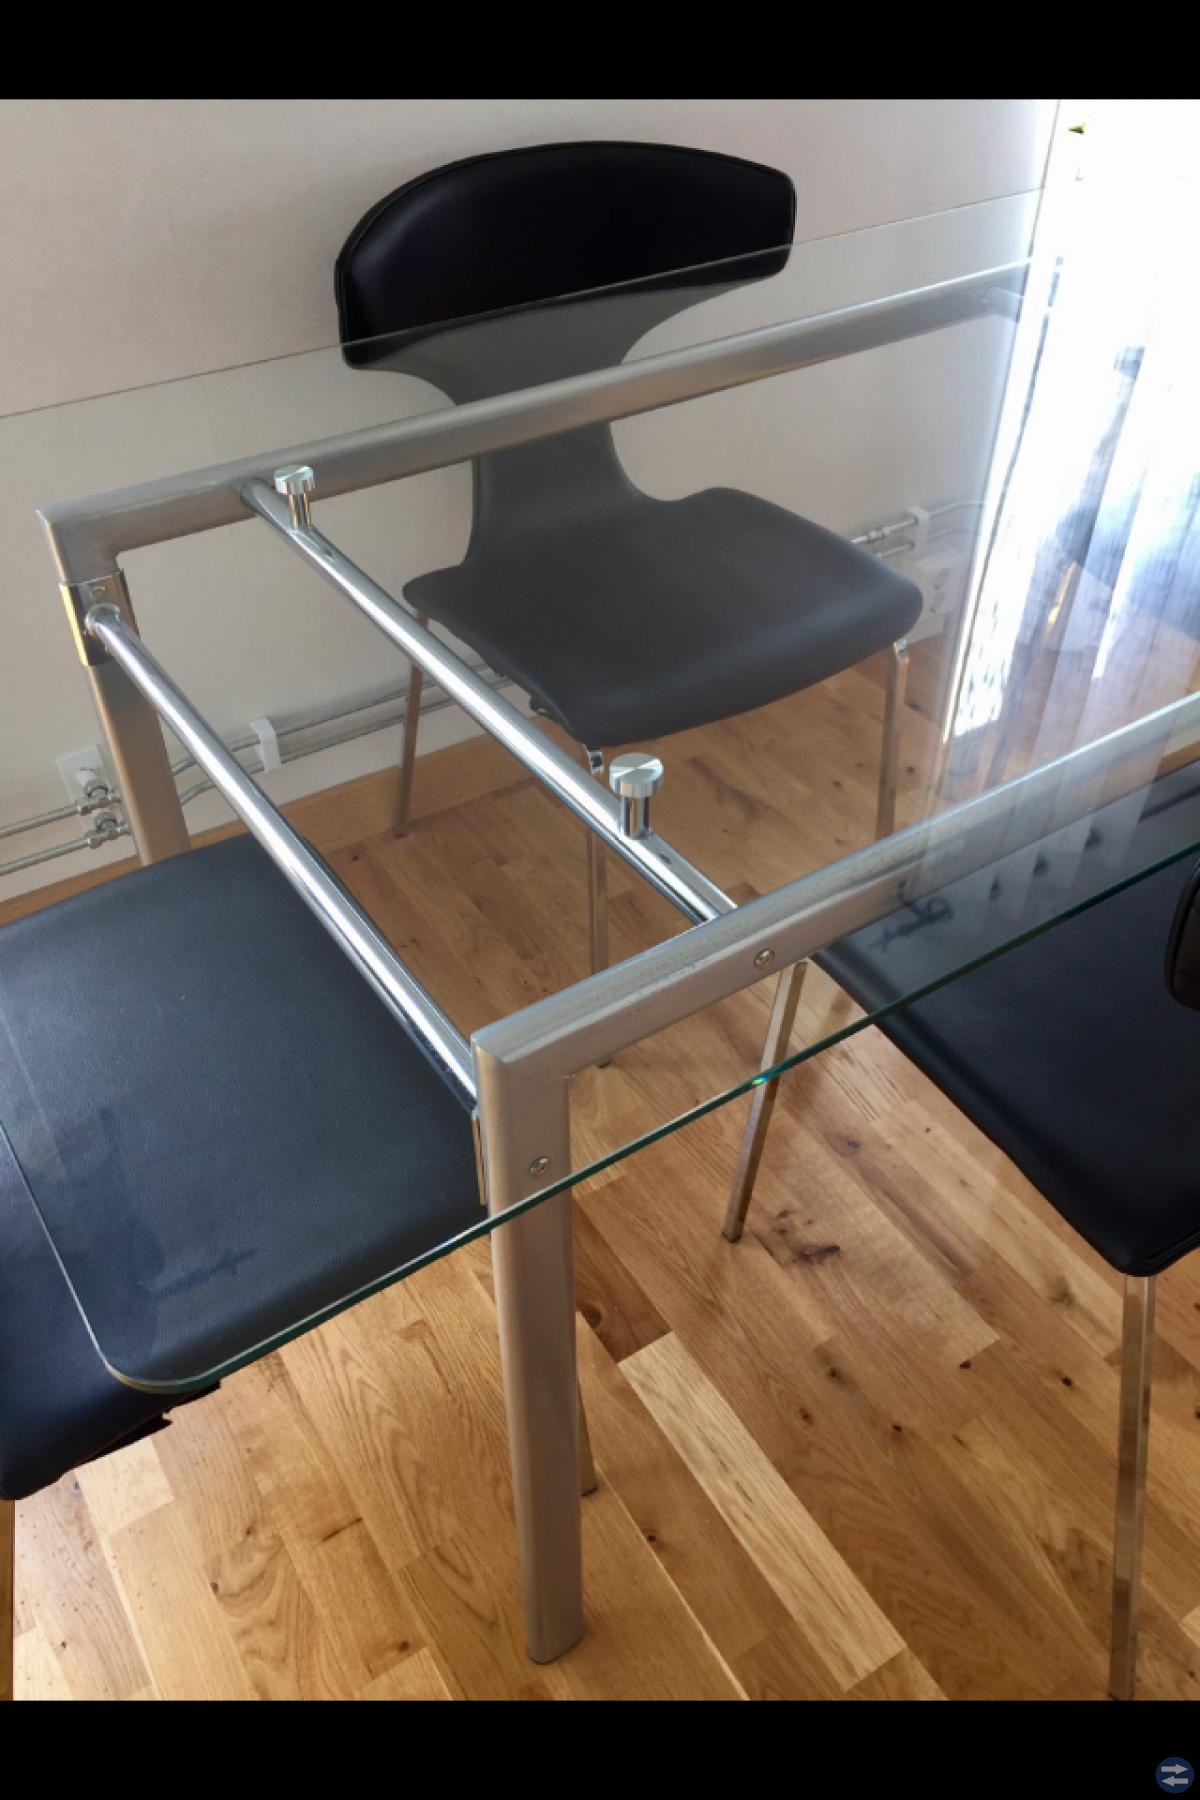 Köks bord med 4 skin stolar